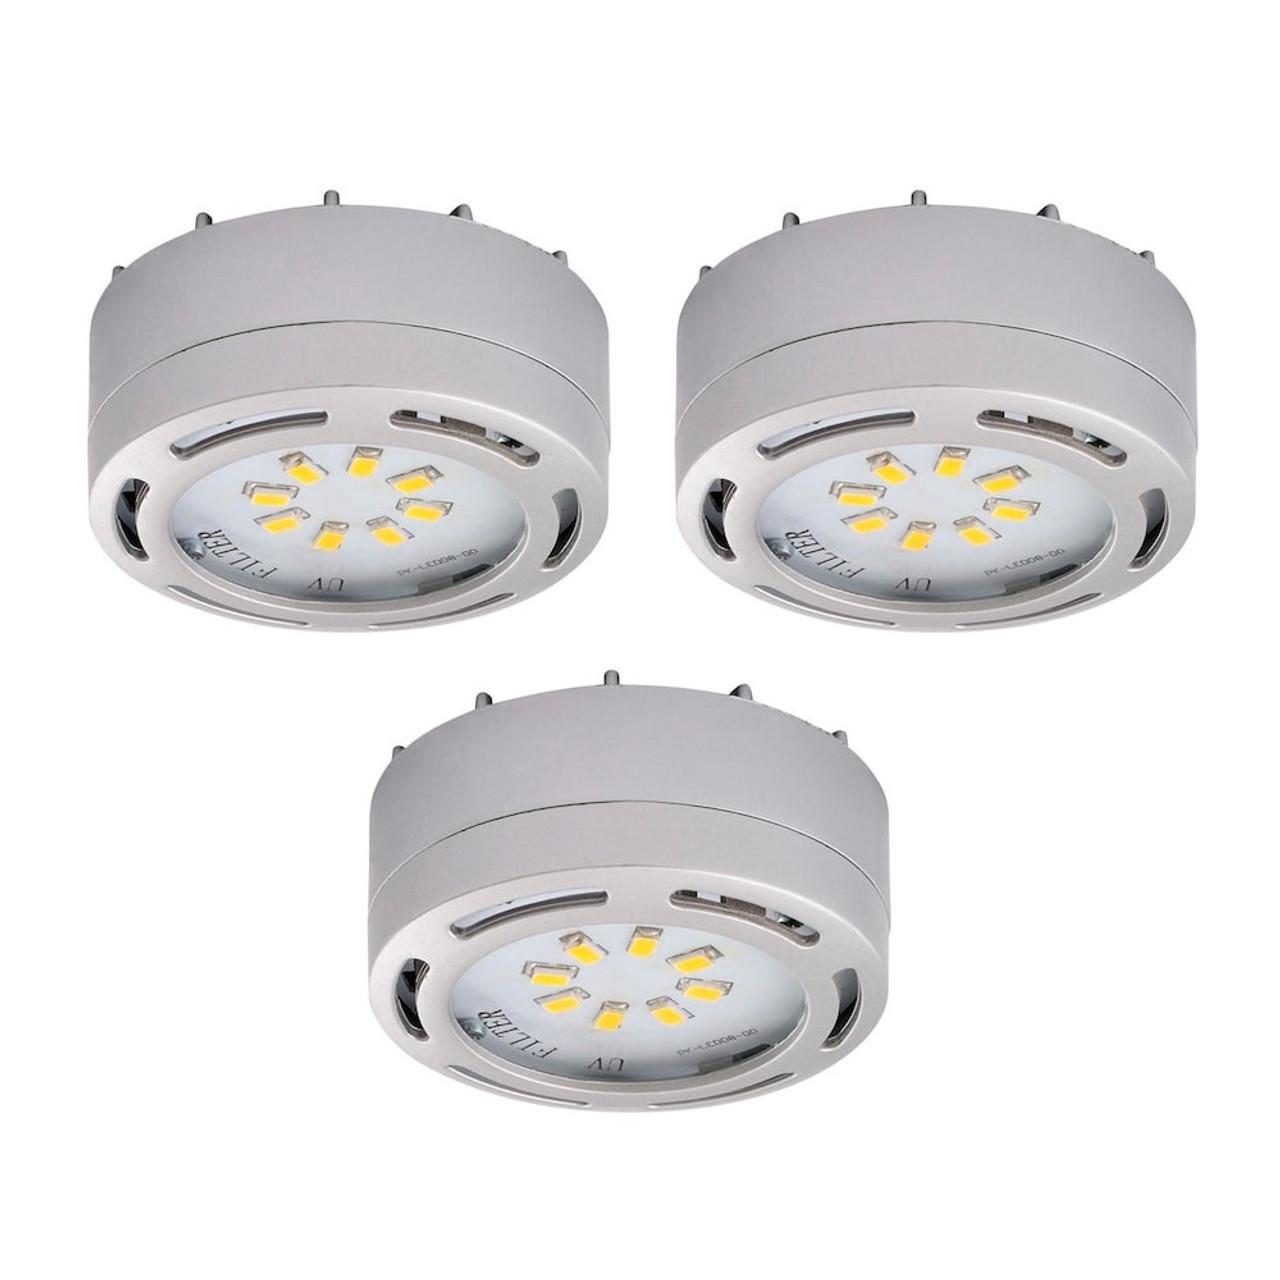 3 - LED Puck Light 12 Watt, 825 lumens , 3000 kelvin - Nickel